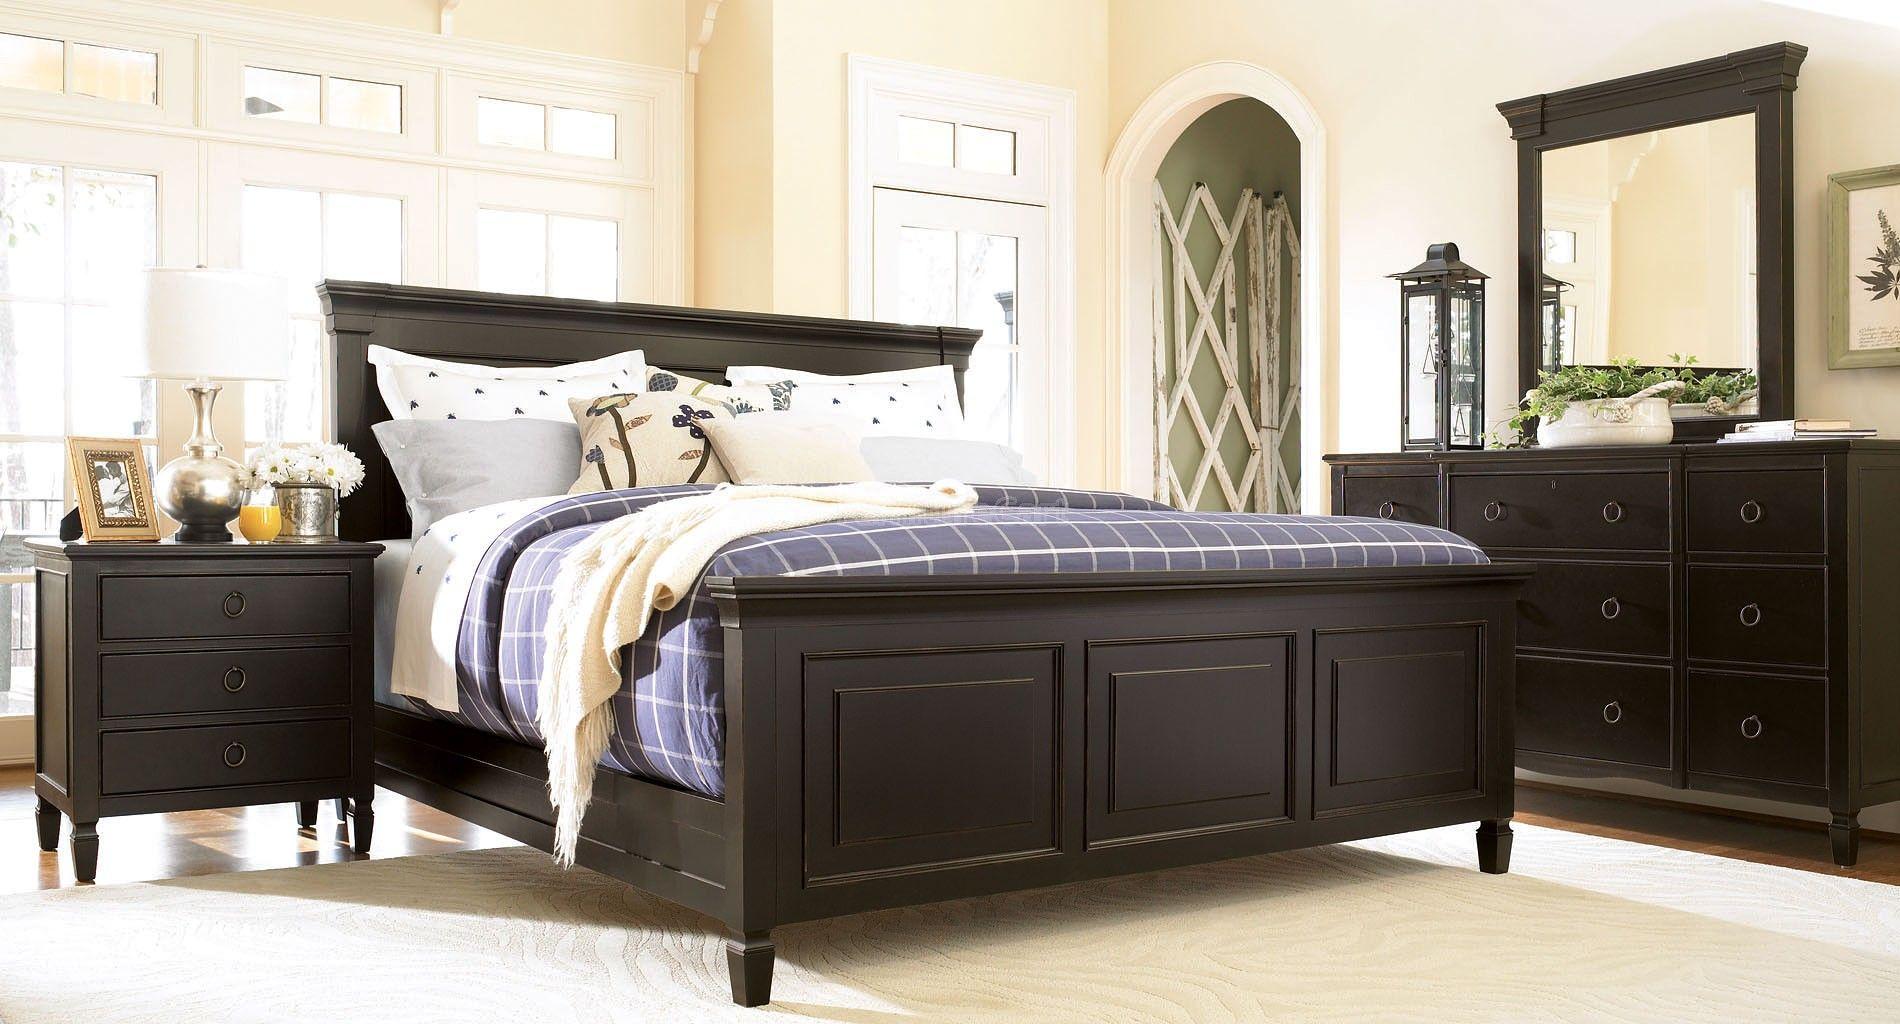 Summer Hill Panel Bedroom Set Midnight Universal Furniture California King Bedroom Sets Bedroom Furniture Sets Bedroom Design